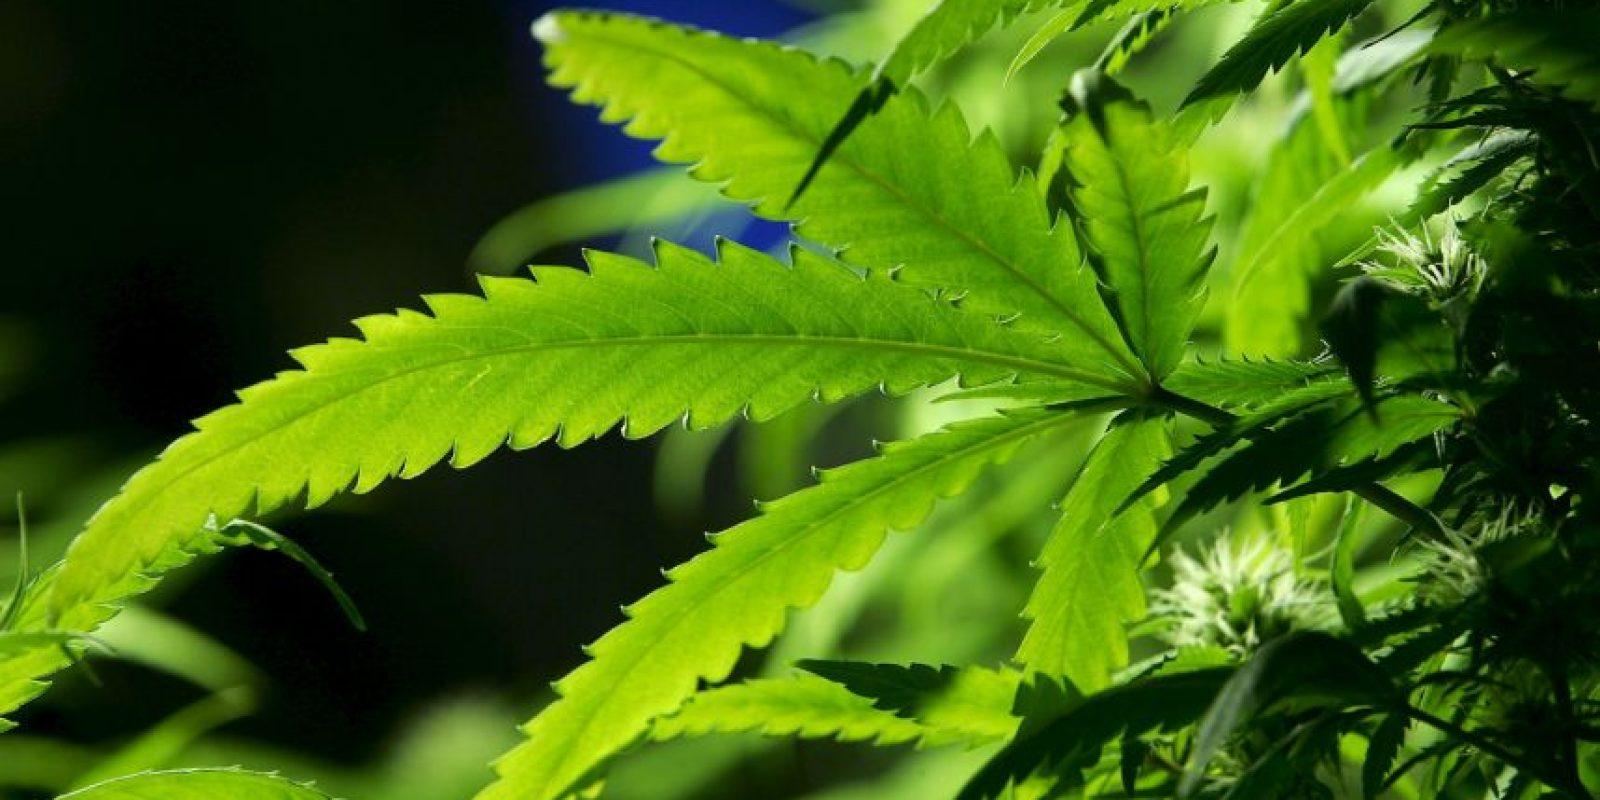 La nueva moción busca que las personas tengan hasta 6 matas de cannabis por metro cuadrado para consumo privado. Foto:GETTY